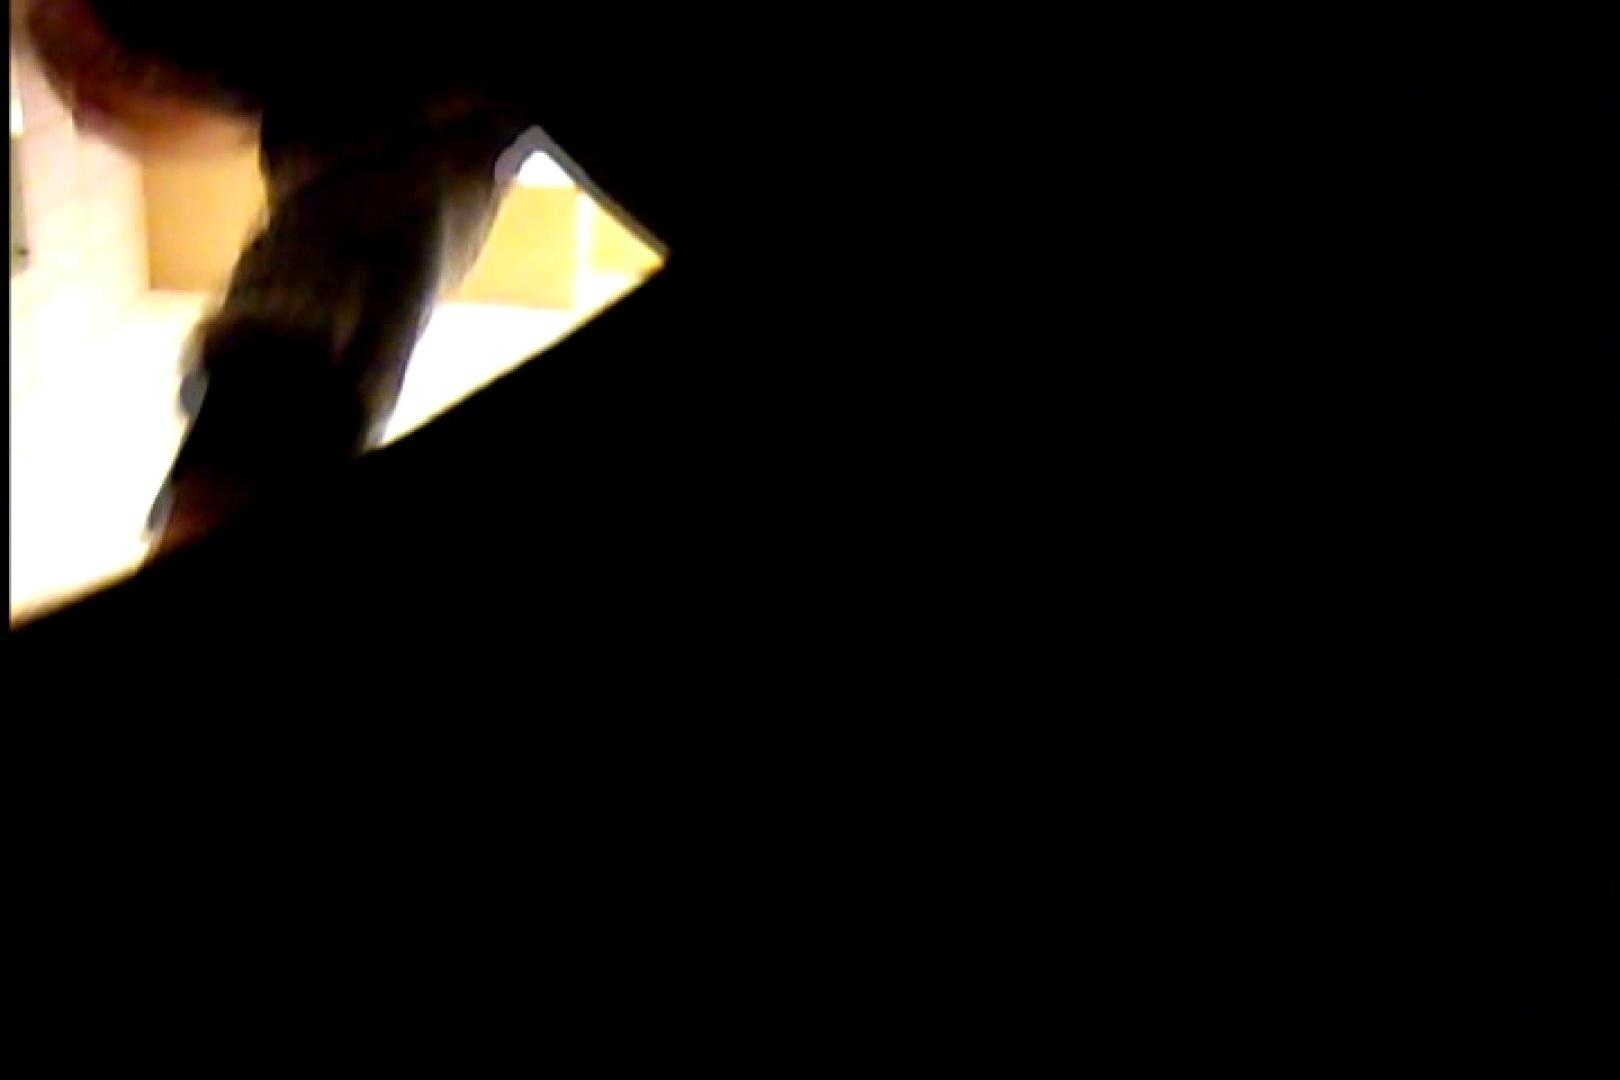 亀さんかわや VIPバージョン! vol.40 黄金水 オメコ無修正動画無料 104PIX 69